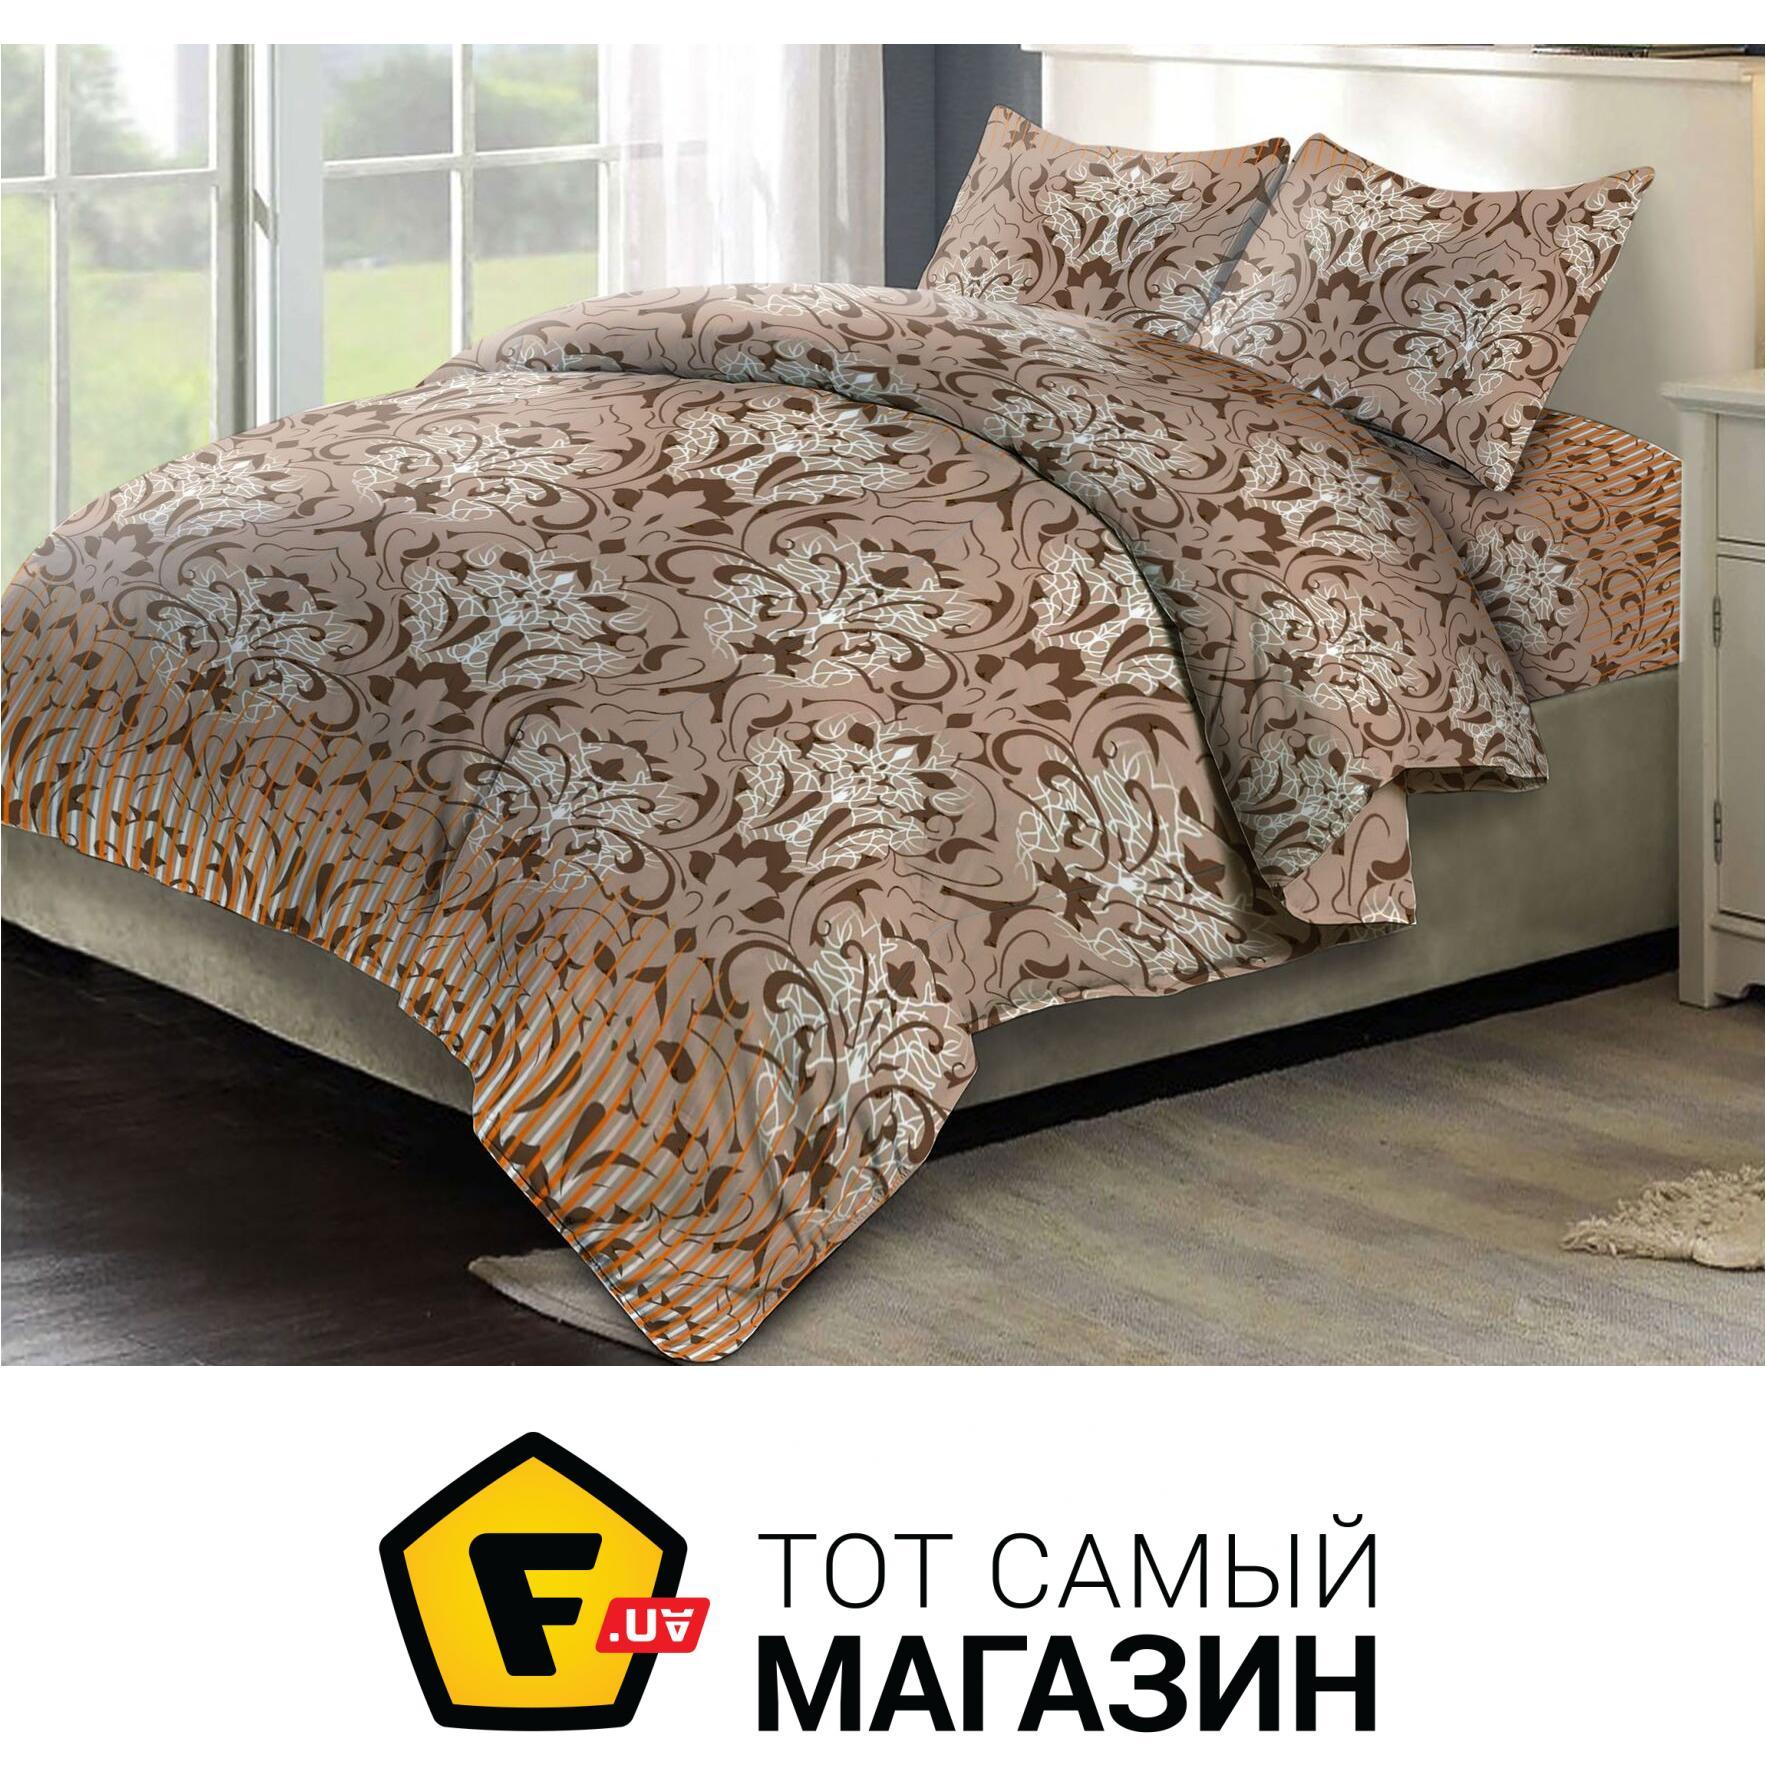 86f08e28549b Комплект постельного белья Евро 200x215 см хлопок коричневый ТЕП Элли, евро  (946)